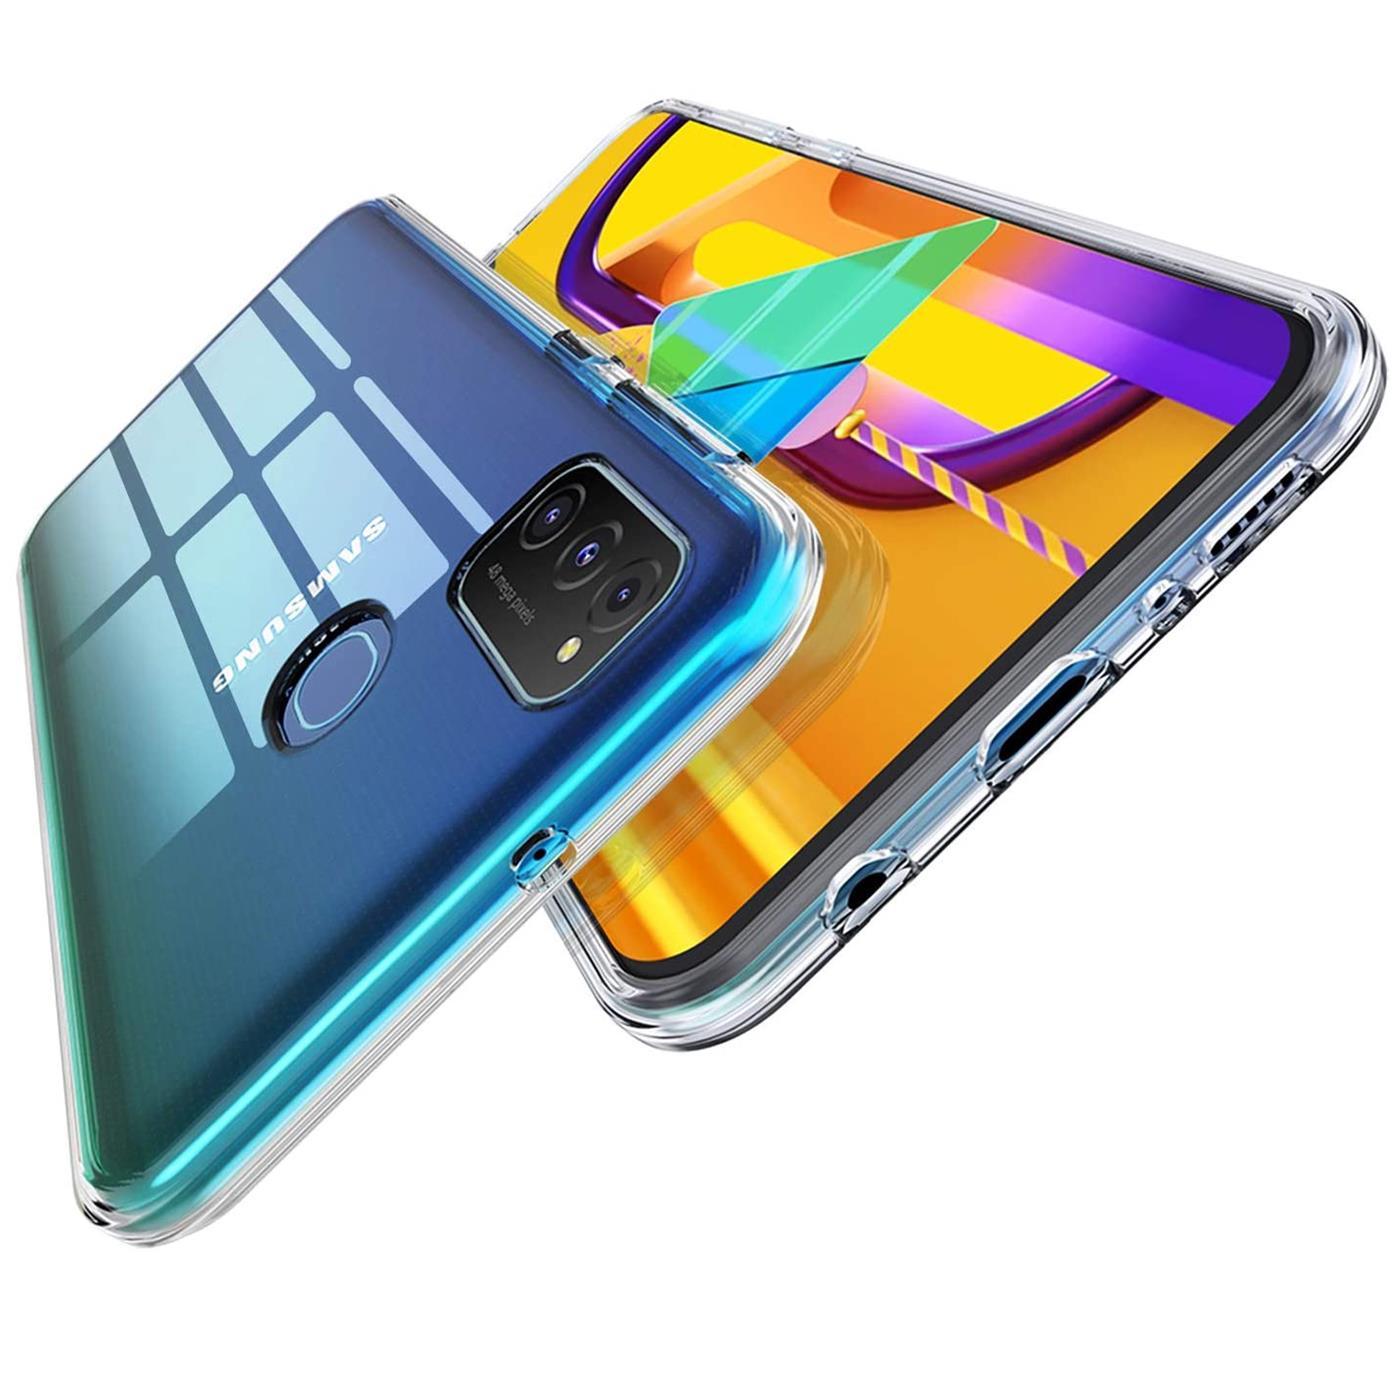 Handy-Case-fuer-Samsung-Galaxy-M31-Huelle-Transparent-Slim-Tasche-Handyhuelle-Cover Indexbild 10